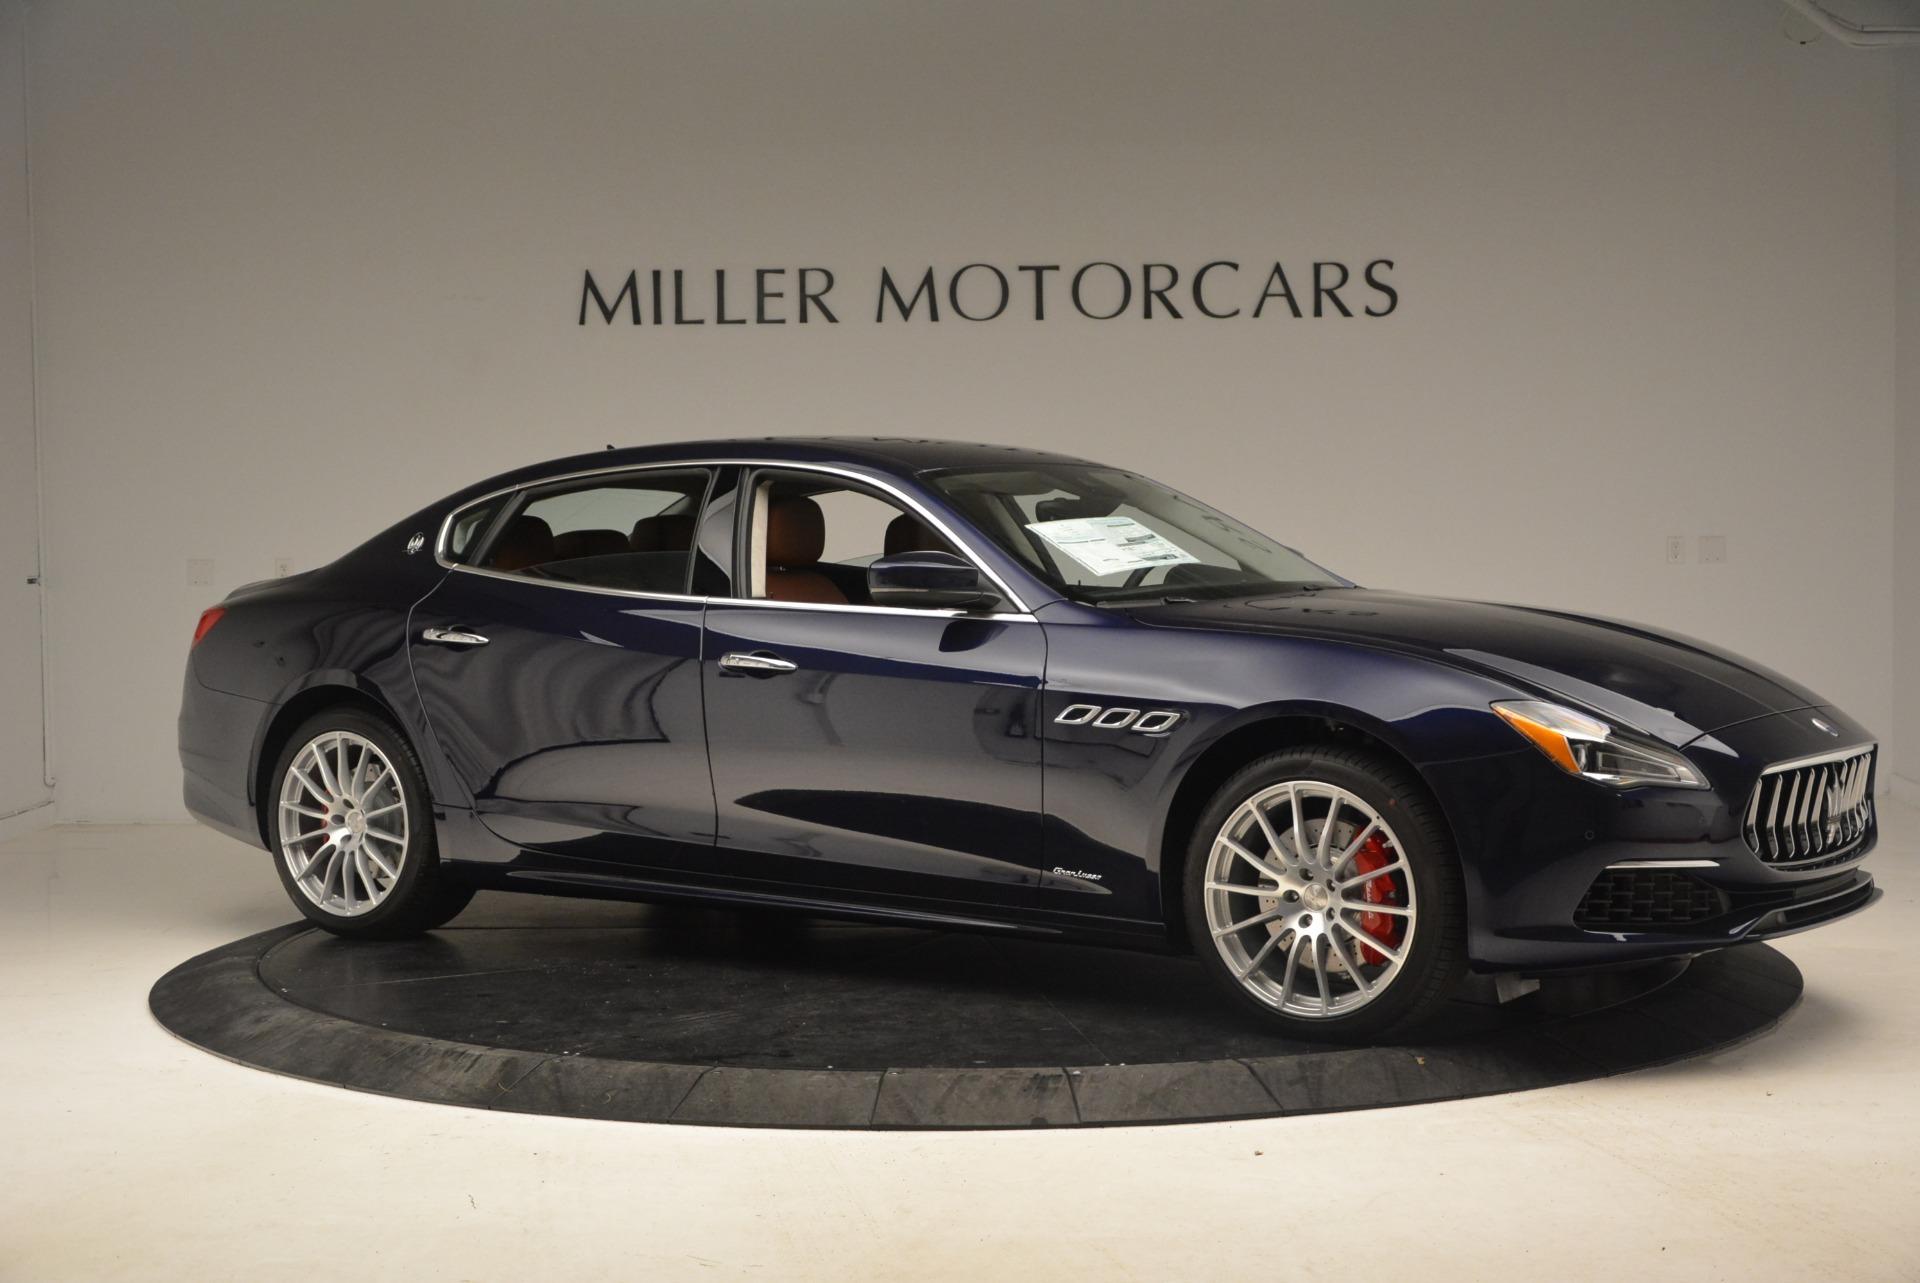 New 2019 Maserati Quattroporte S Q4 GranSport For Sale In Greenwich, CT. Alfa Romeo of Greenwich, M2224 2591_p10